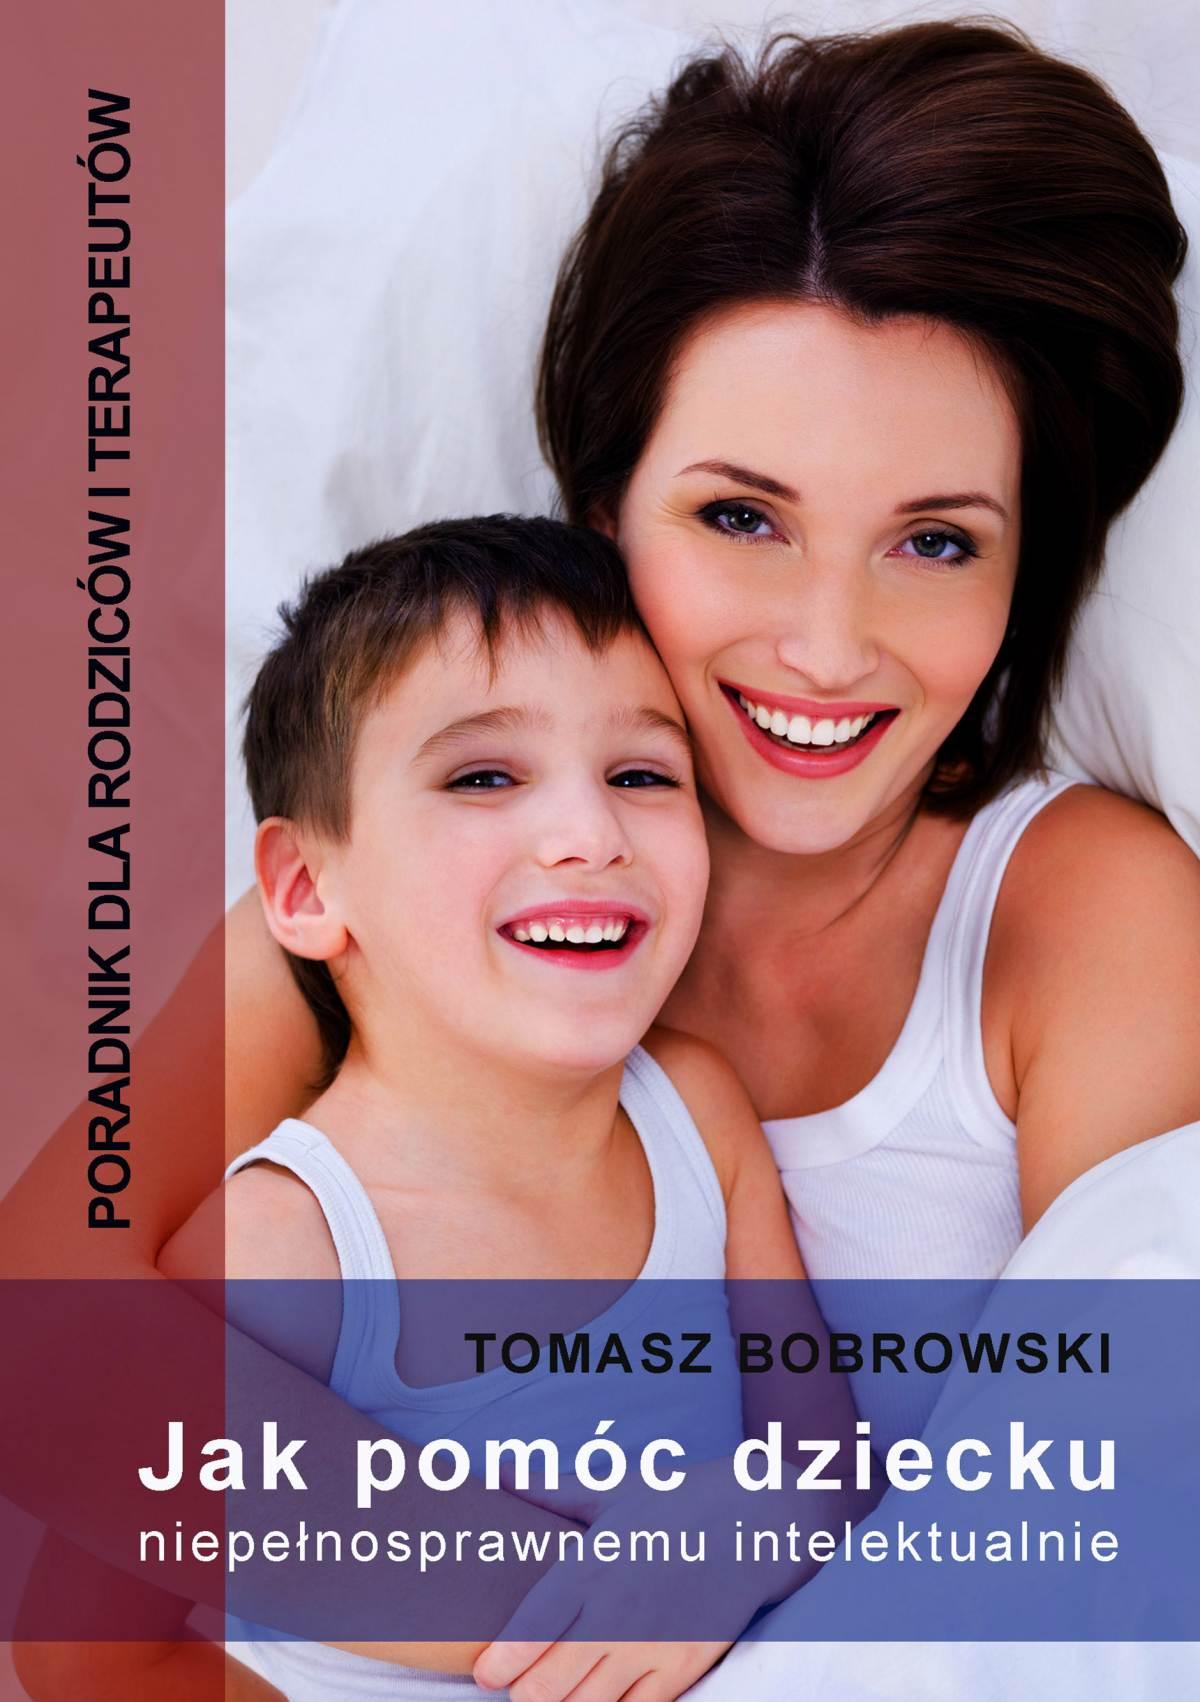 Jak pomóc dziecku niepełnosprawnemu intelektualnie. Poradnik dla rodziców i terapeutów - Ebook (Książka na Kindle) do pobrania w formacie MOBI